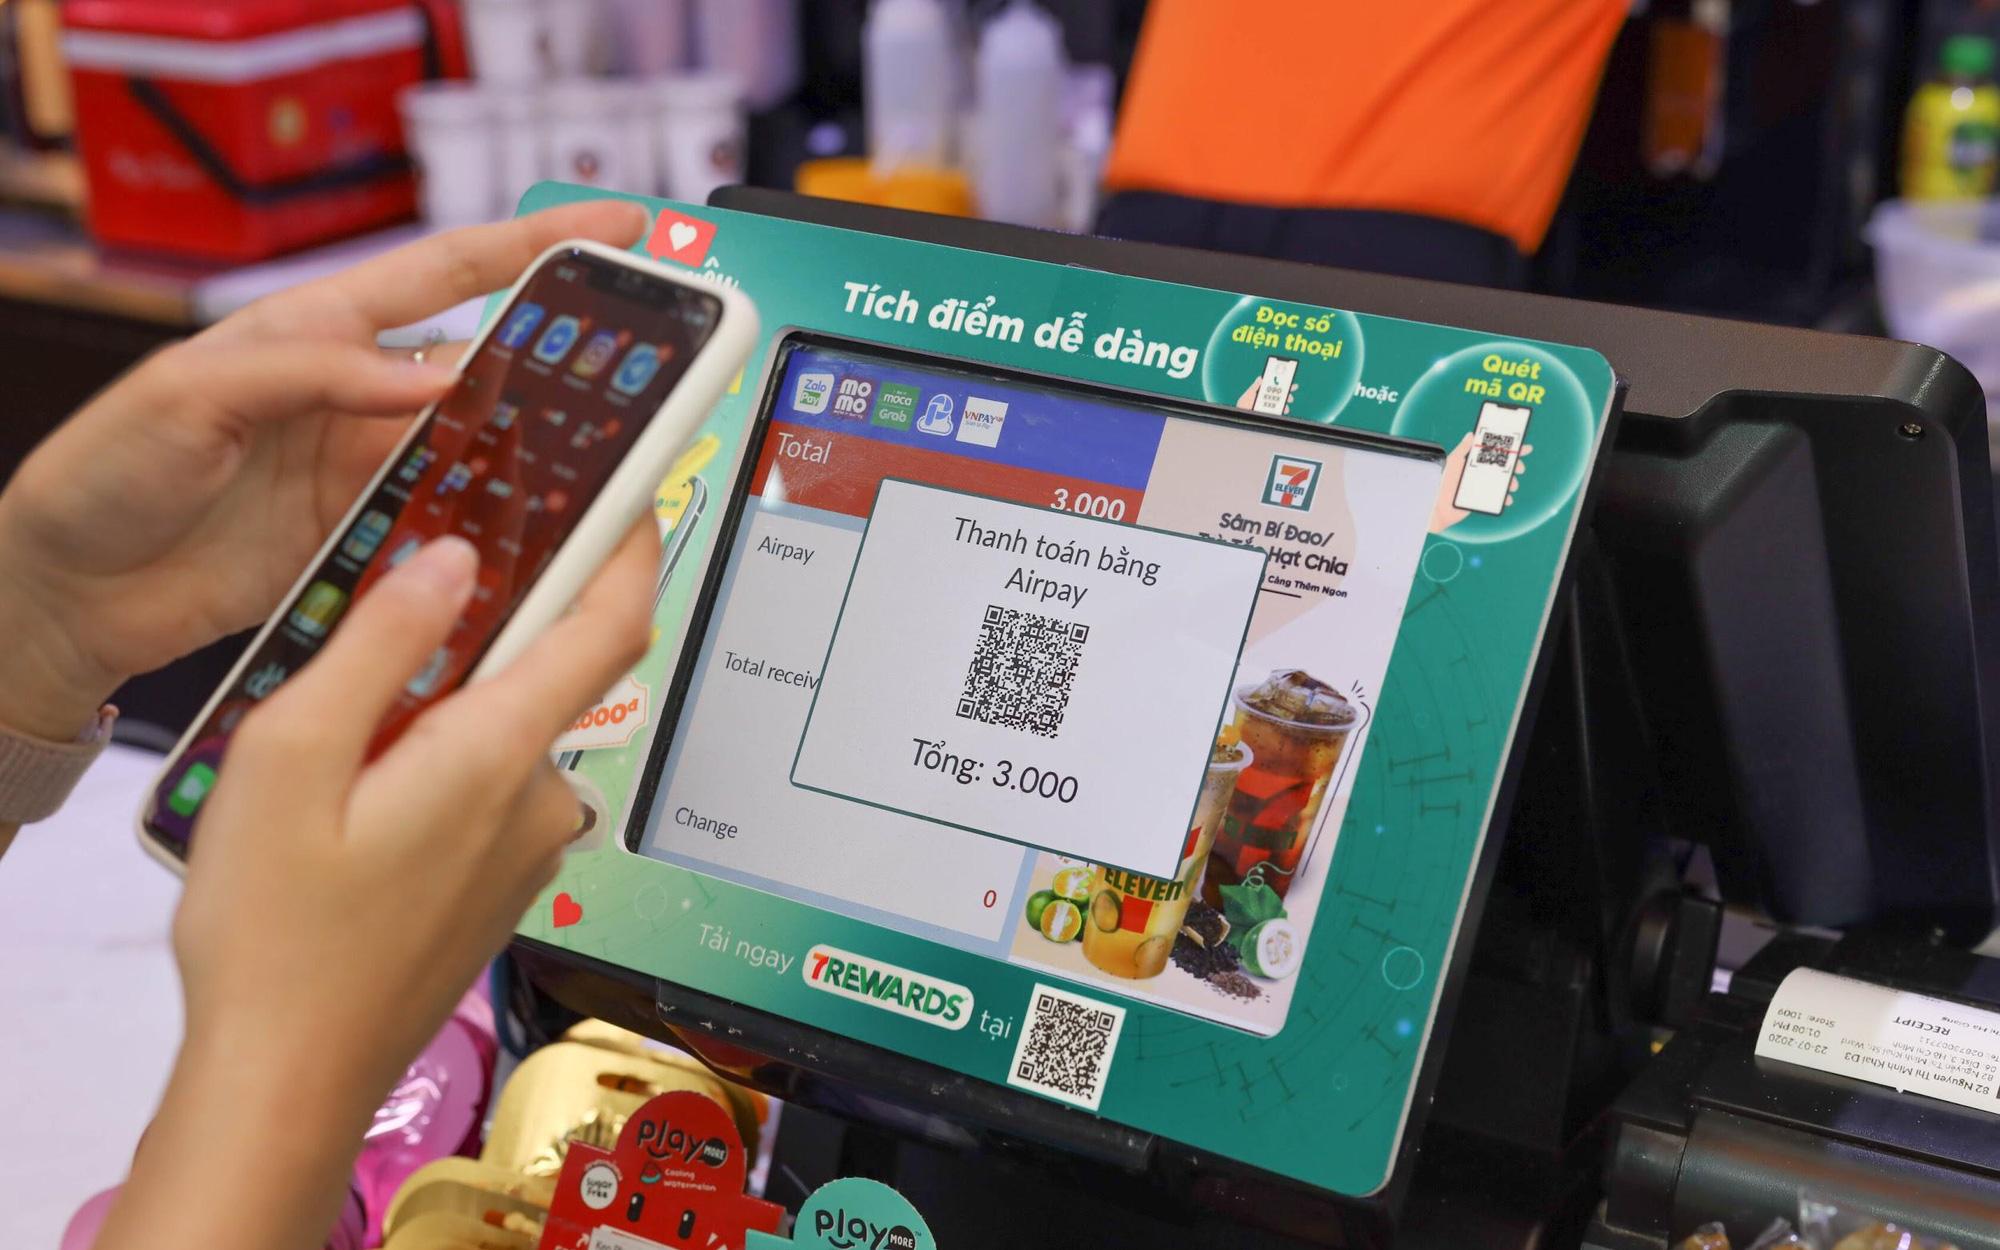 Khám phá loạt món đồ thiết yếu ở 7-Eleven khiến bạn ồ à quyết xuống tiền mua ngay!